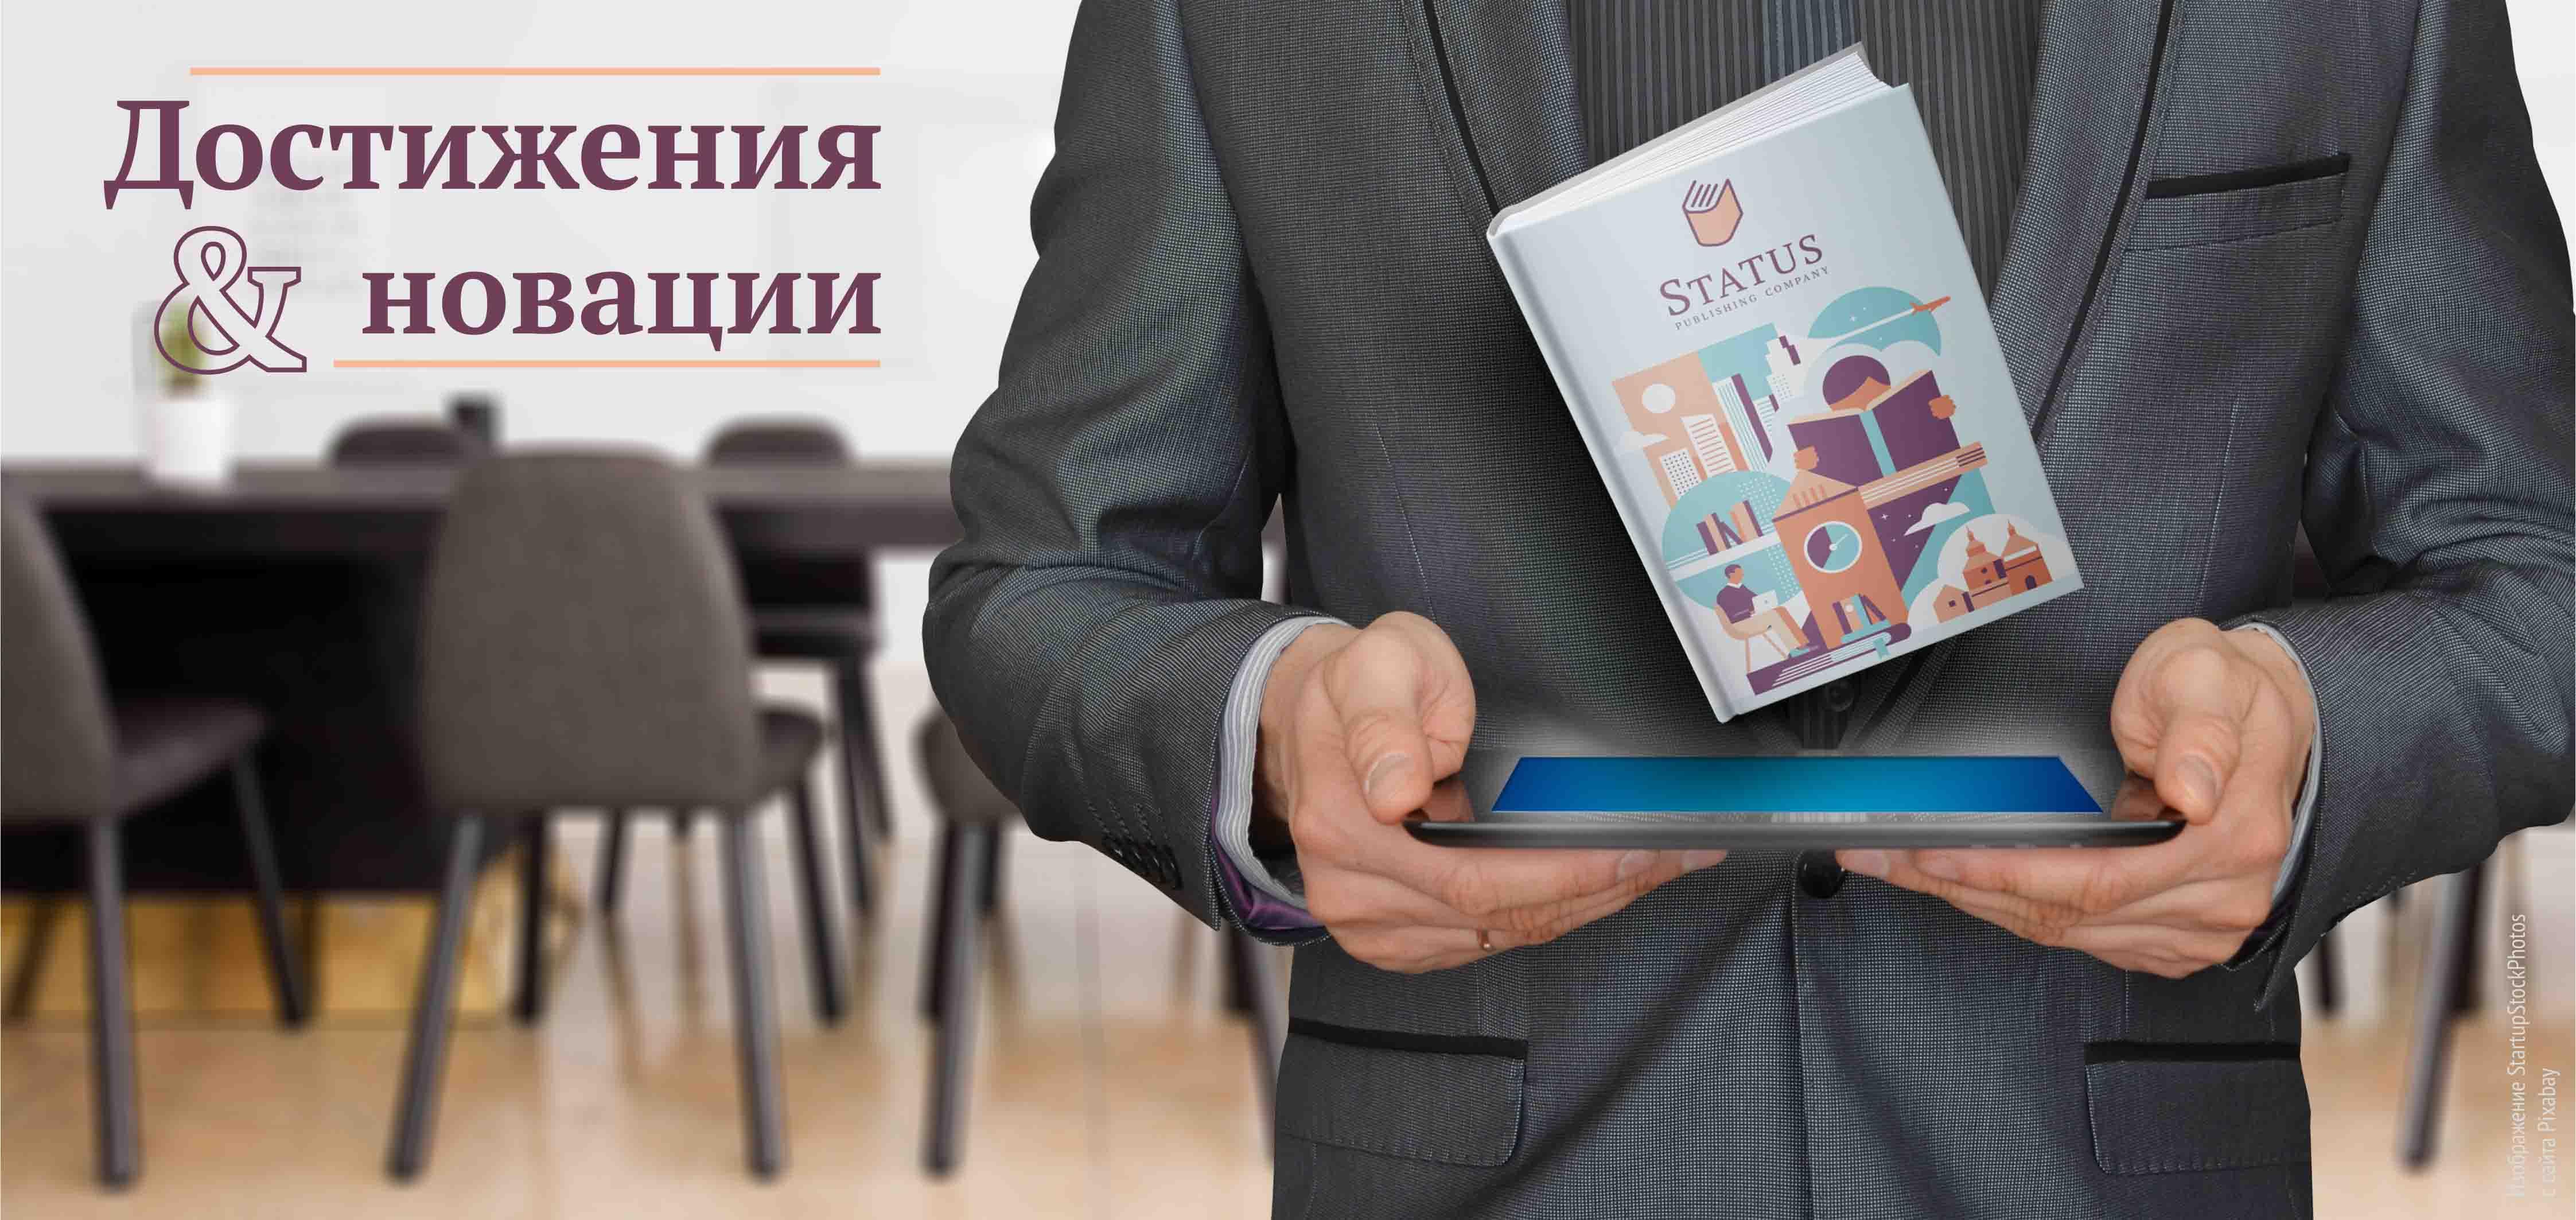 Издательство «СТАТУС». Достижения и новации